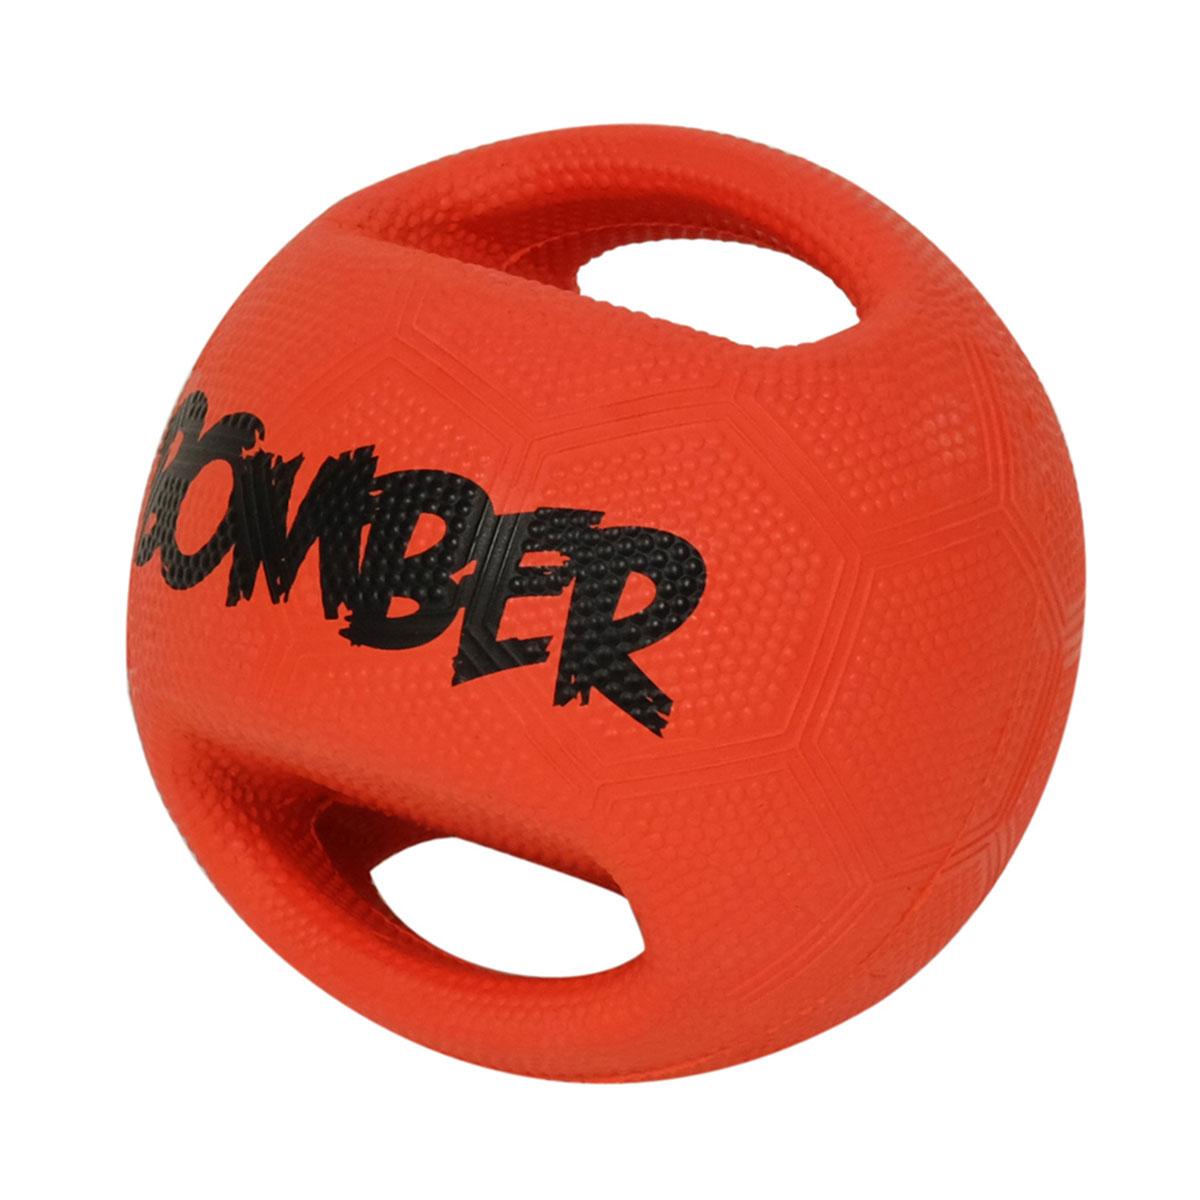 Bomber Hundespielzeug orange 180